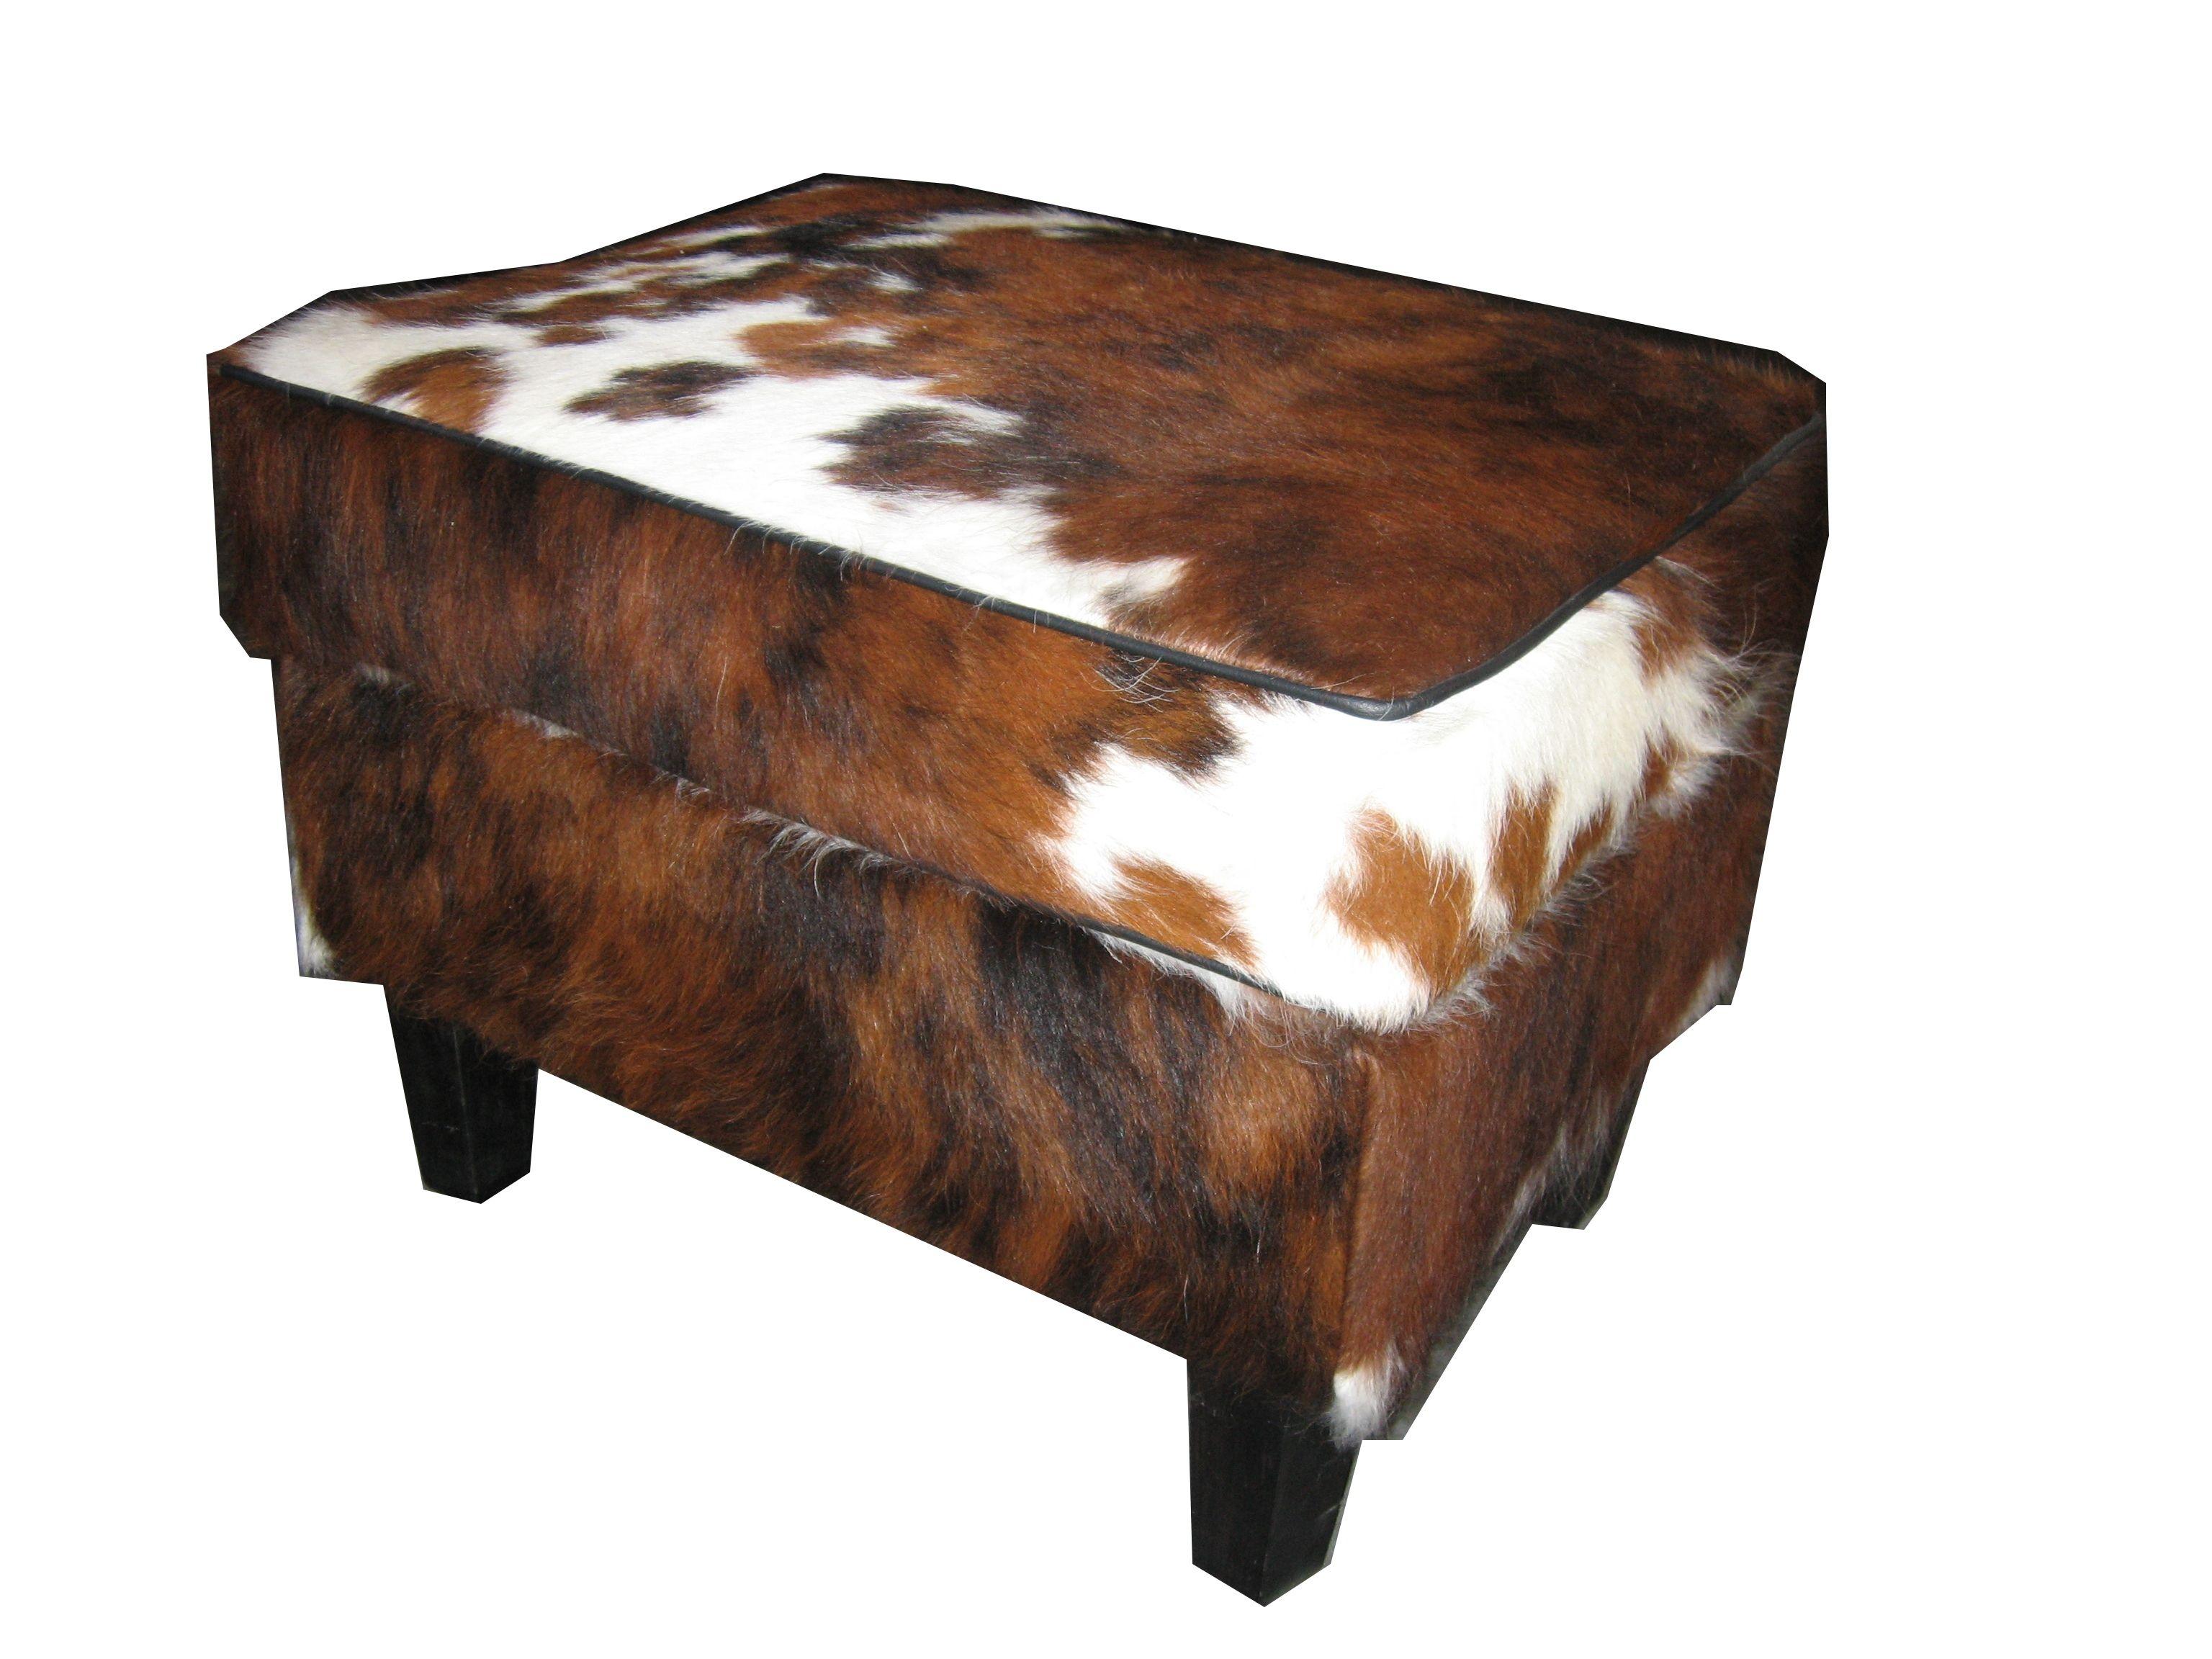 Goede Bij een luie stoel past een mooie met koeienhuid bekleed hocker NU-25